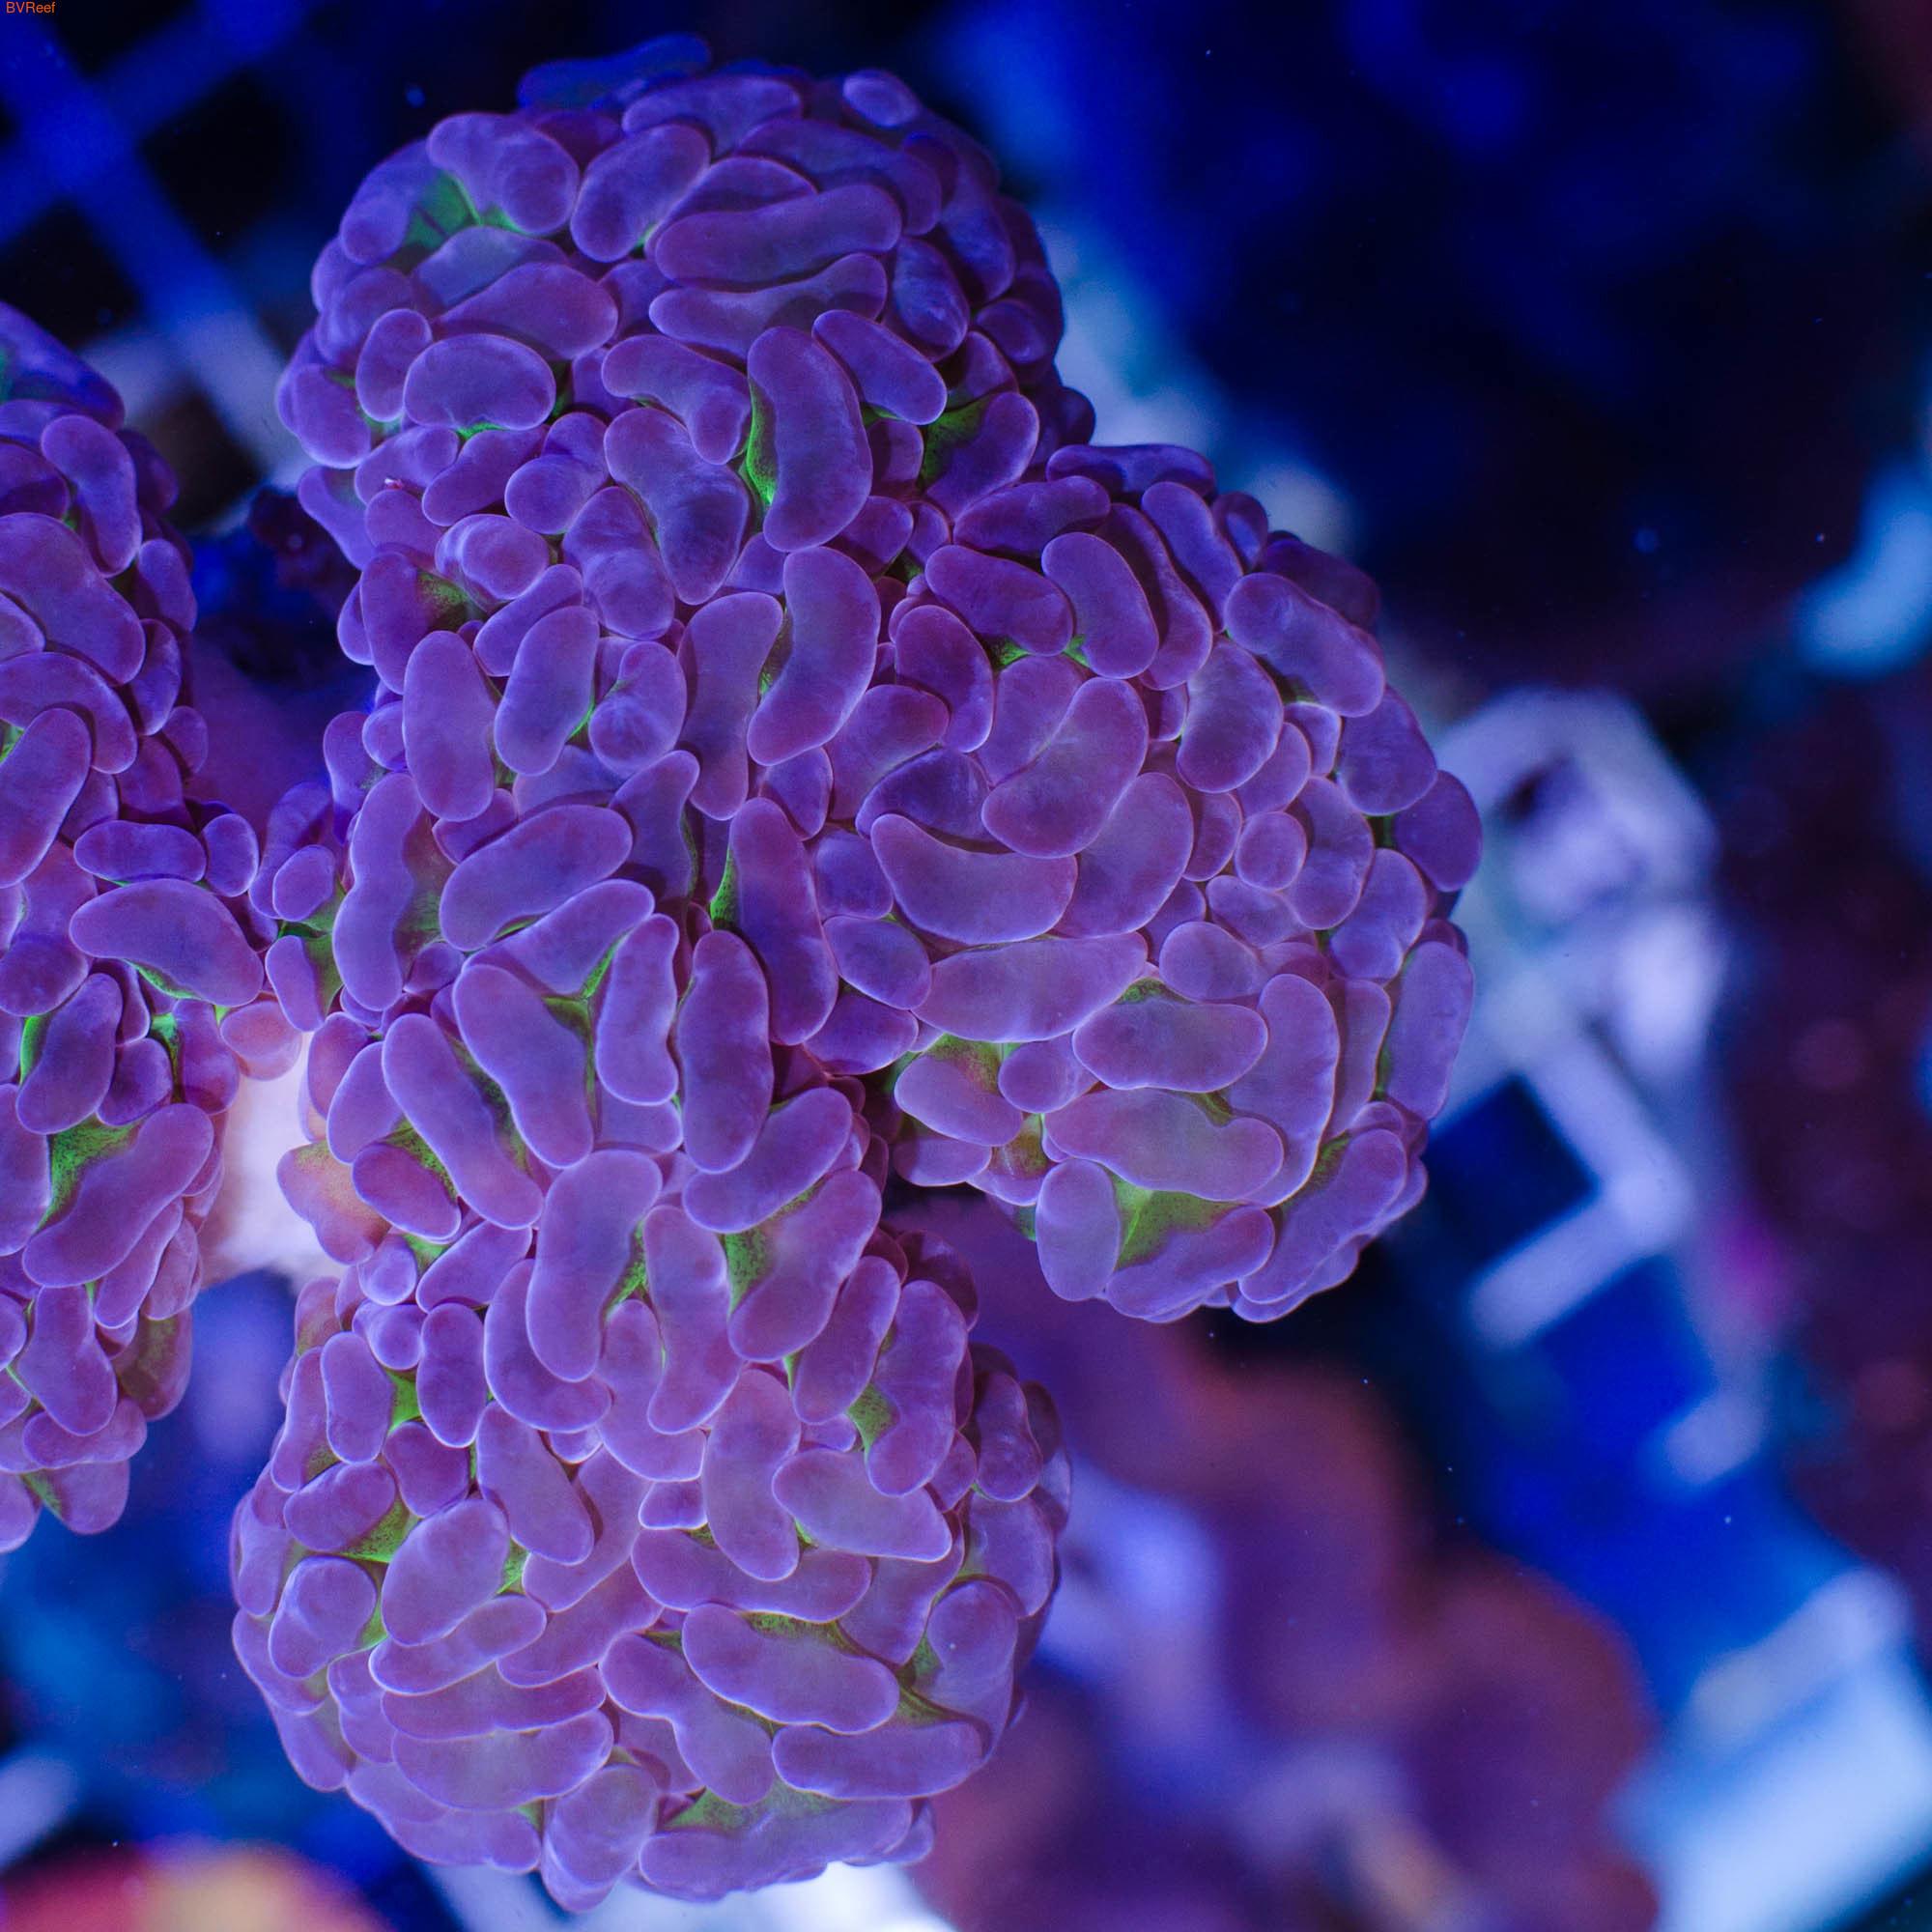 Л100 Эуфилия молоточковая Анкора ультра зеленая с фиолетовыми кончиками Anchor corals фраг 3-4 см 3300